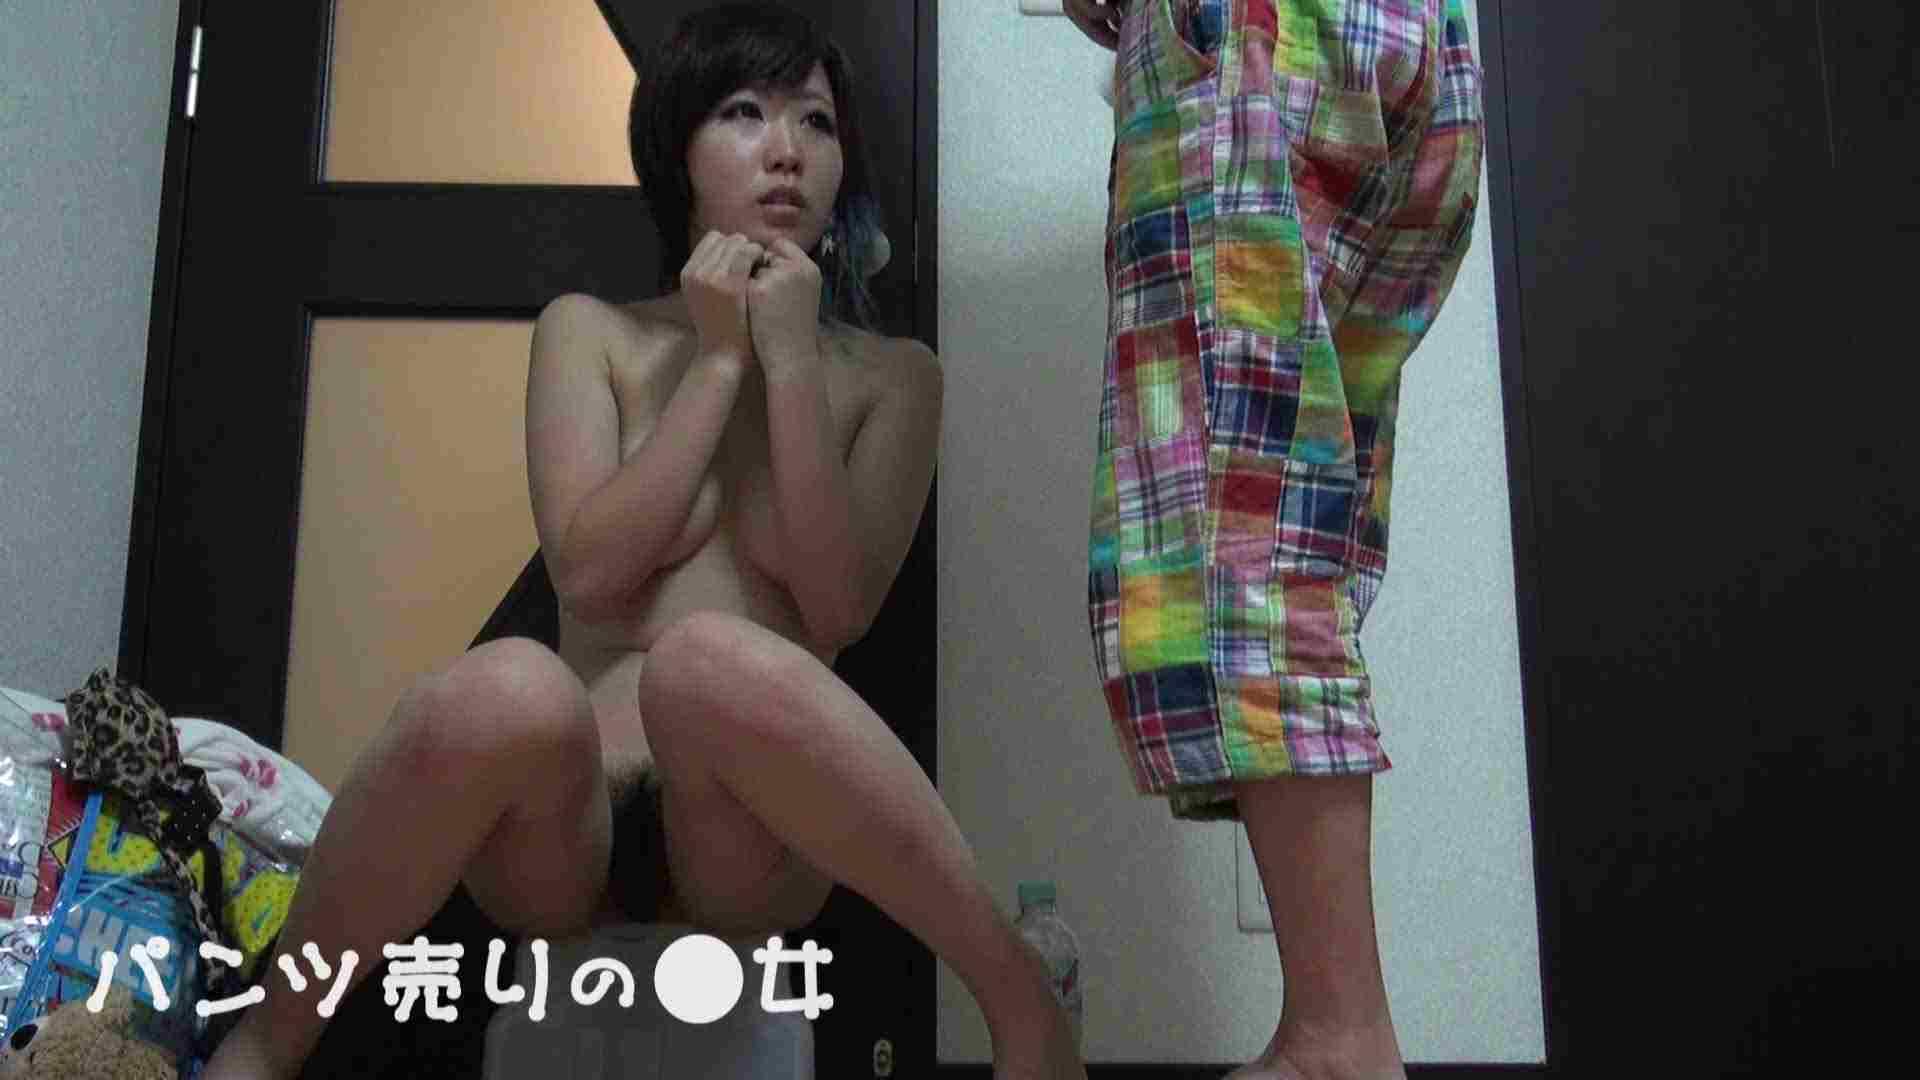 新説 パンツ売りの女の子nana02 一般投稿  74連発 28